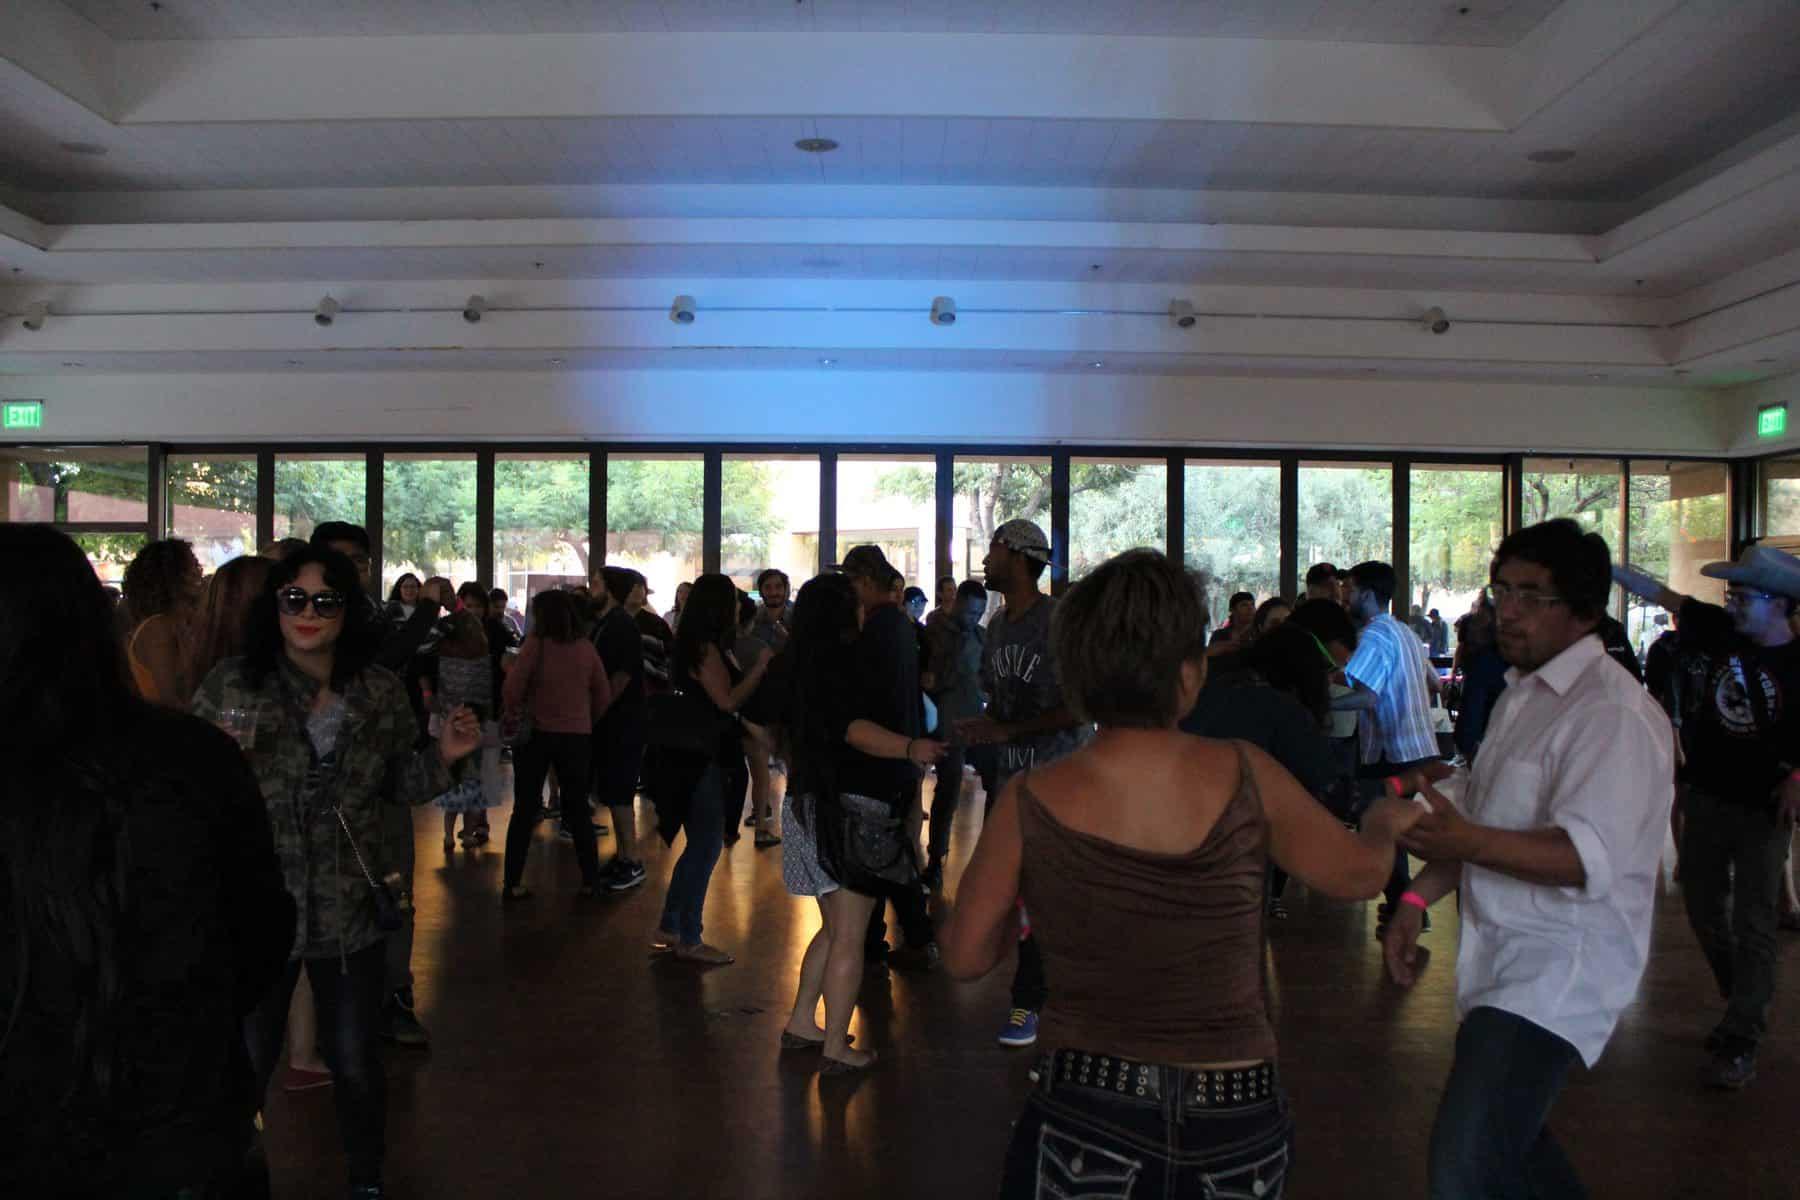 Crowded Room Of Audience Members Dancing